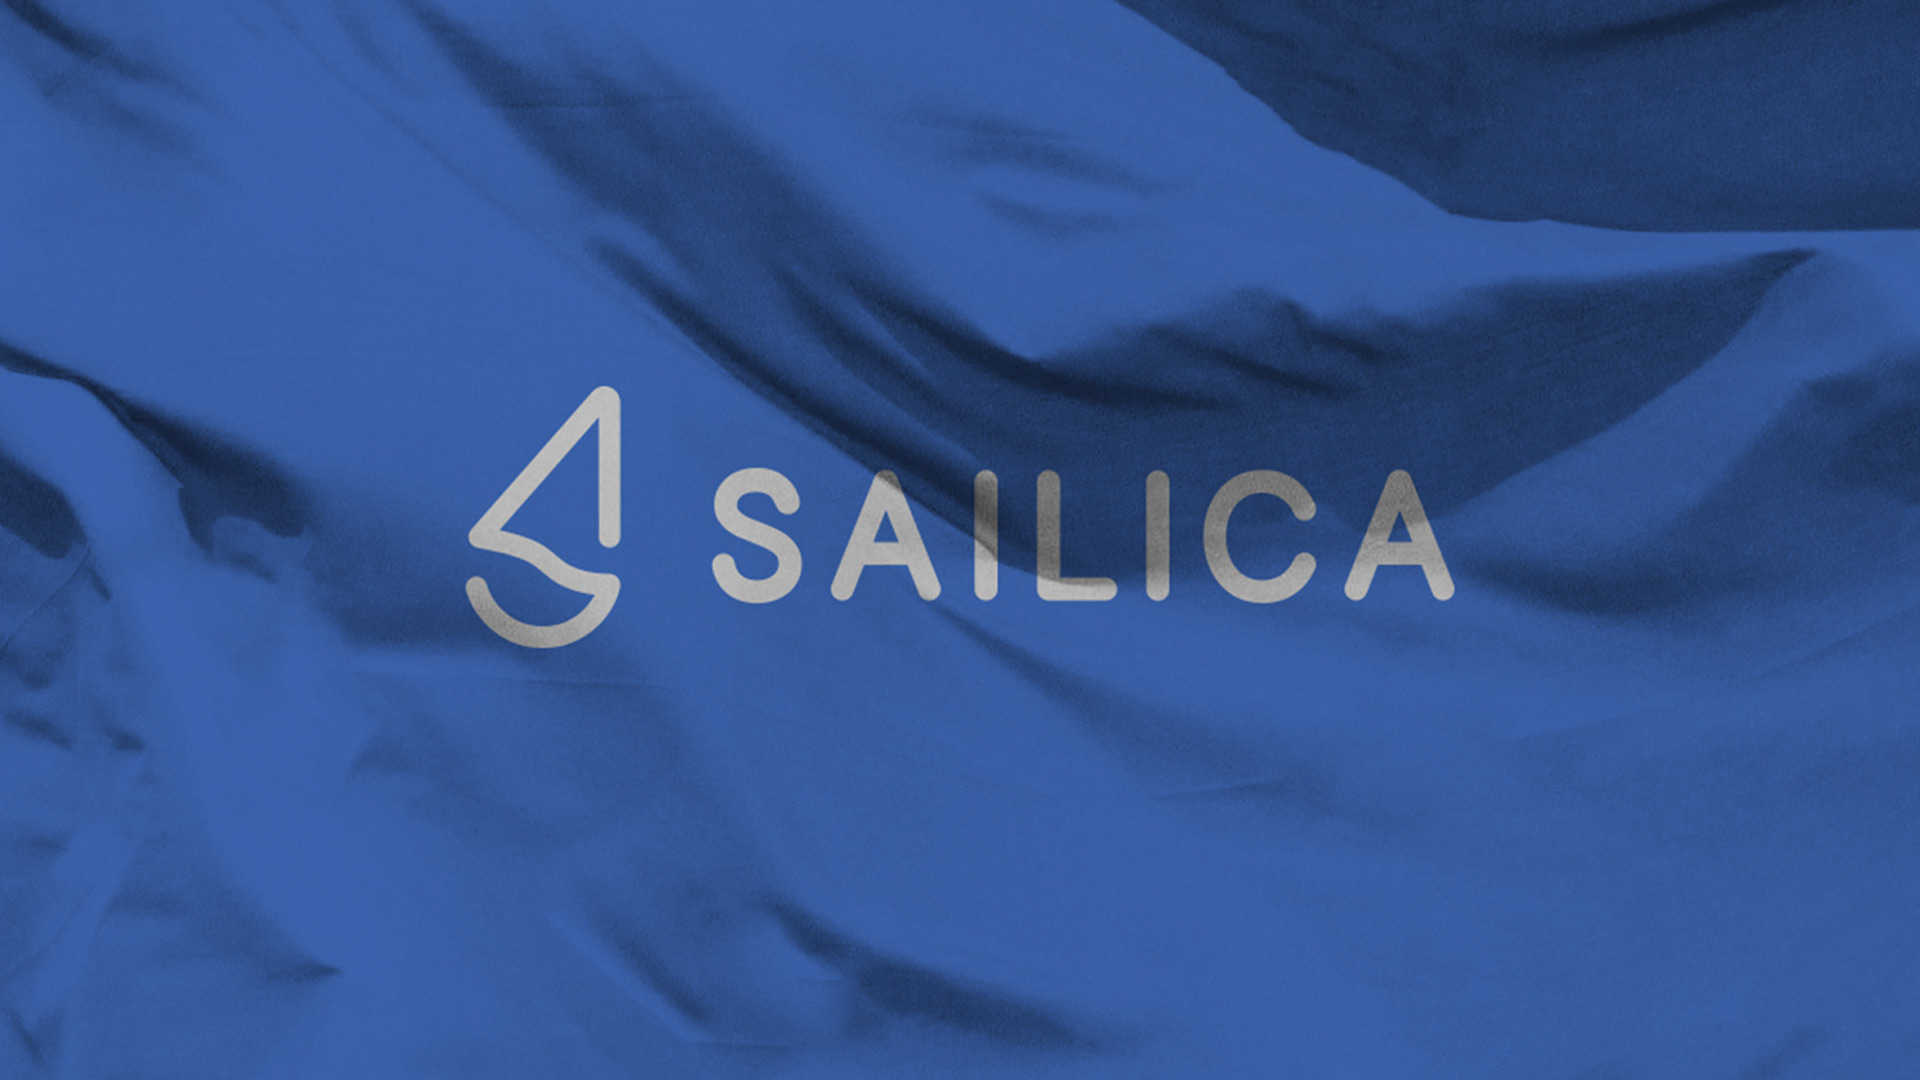 Branding for Sailica